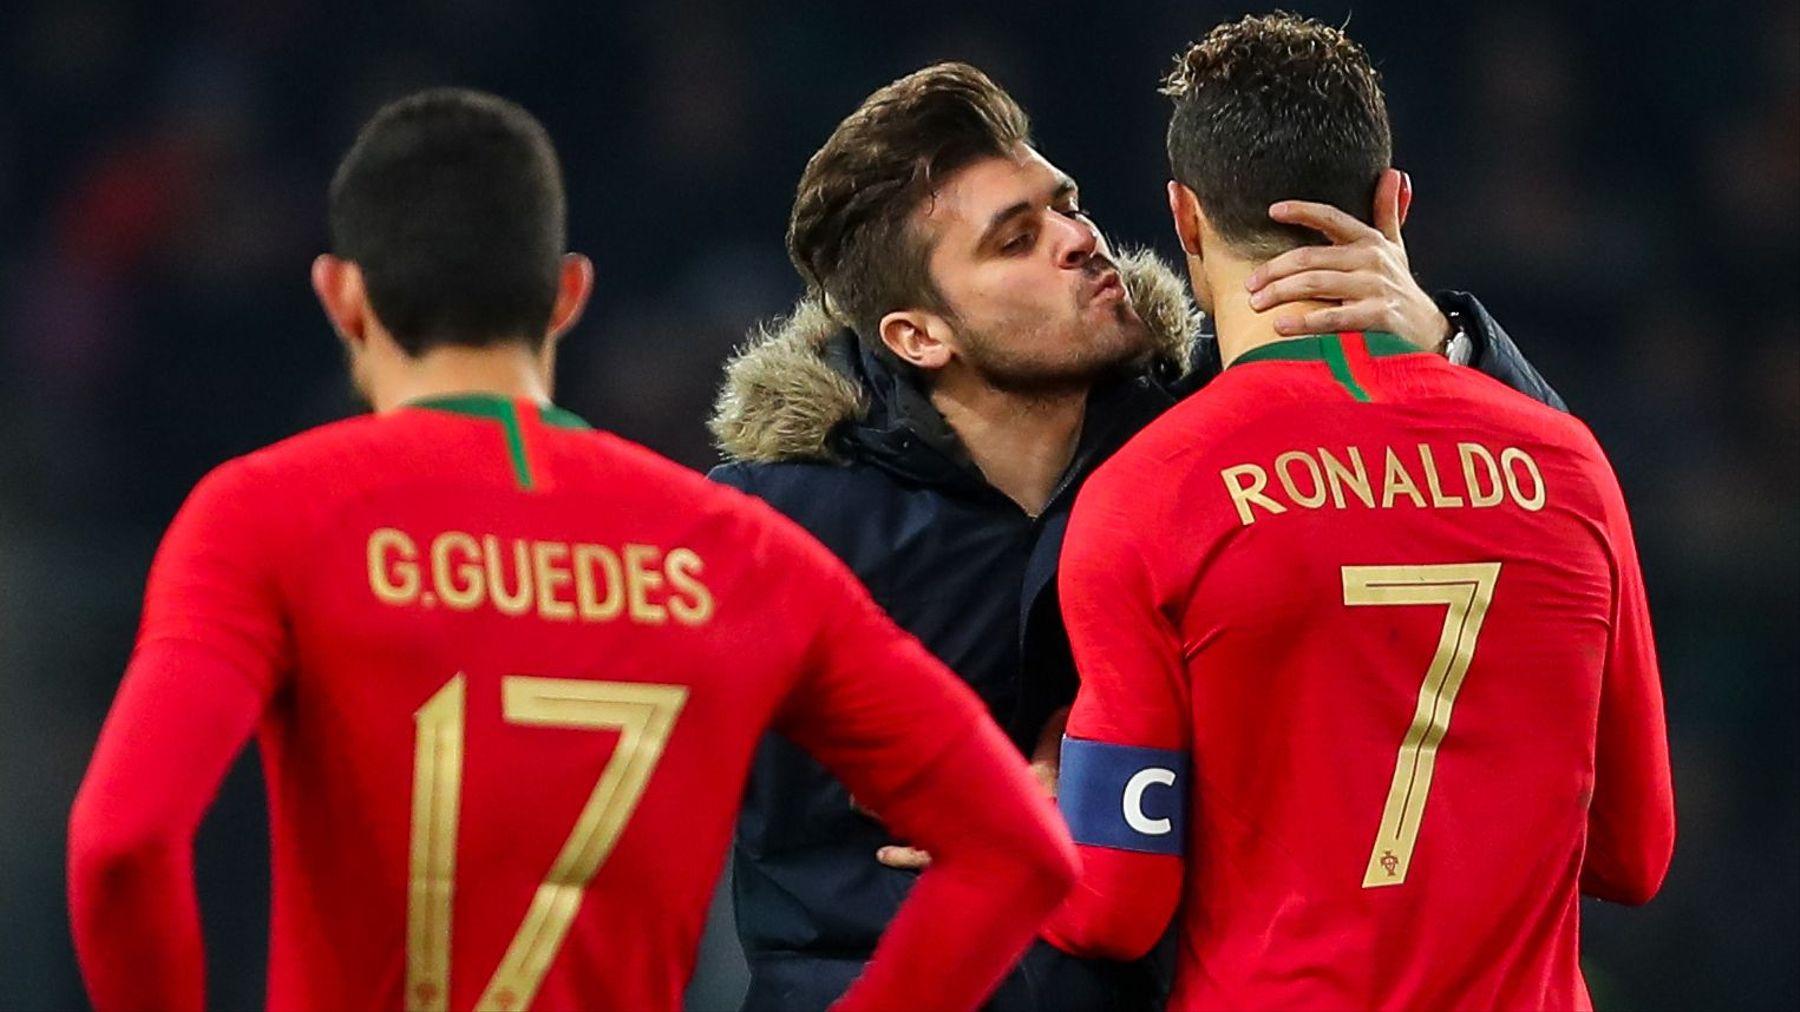 İzleyin: Erkek Taraftar Maç Sırasında Sahaya İnerek Cristiano Ronaldo'yu Öpmeye Çalıştı